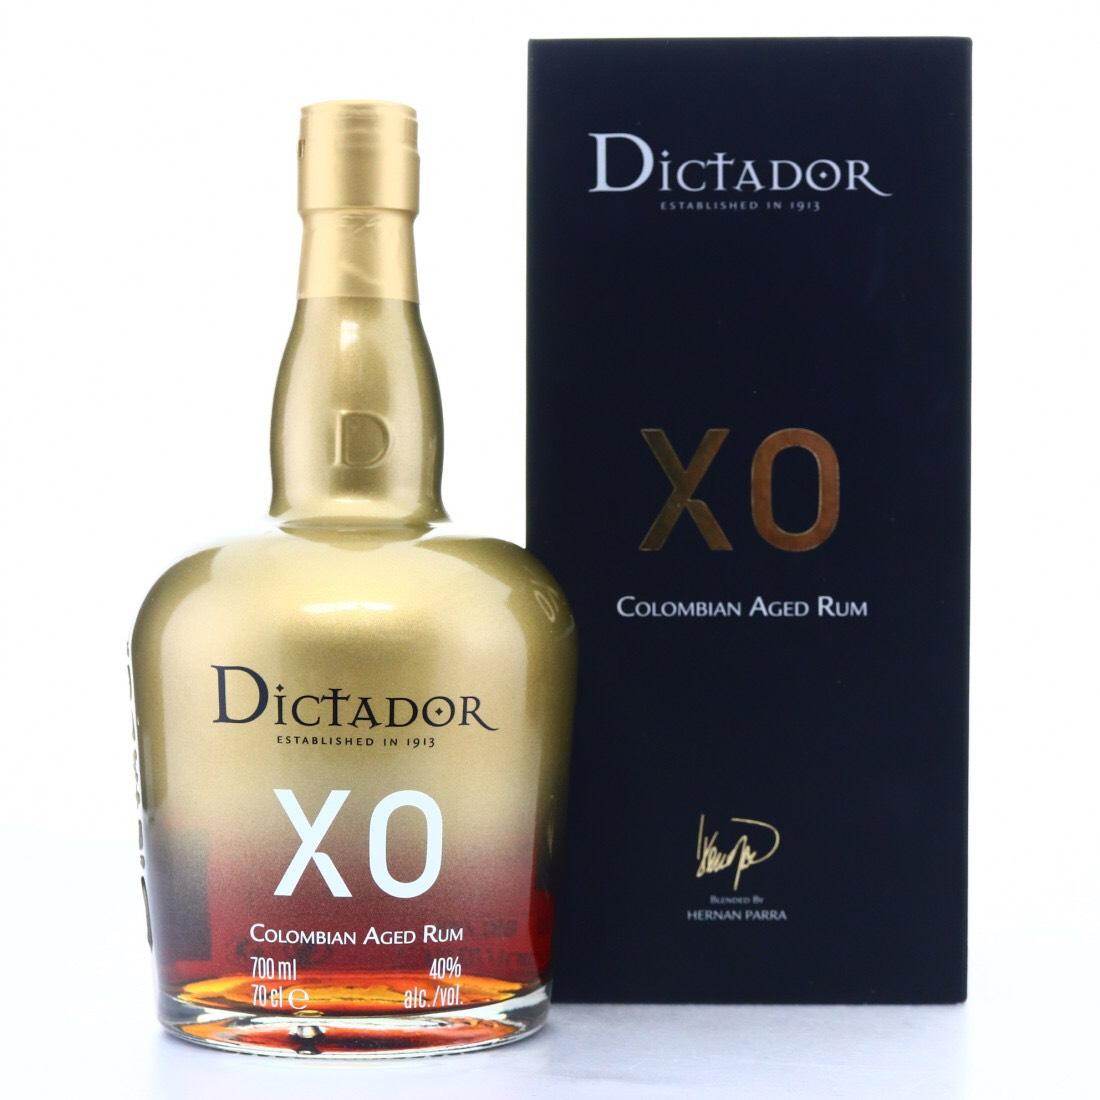 Bottle image of Dictador XO